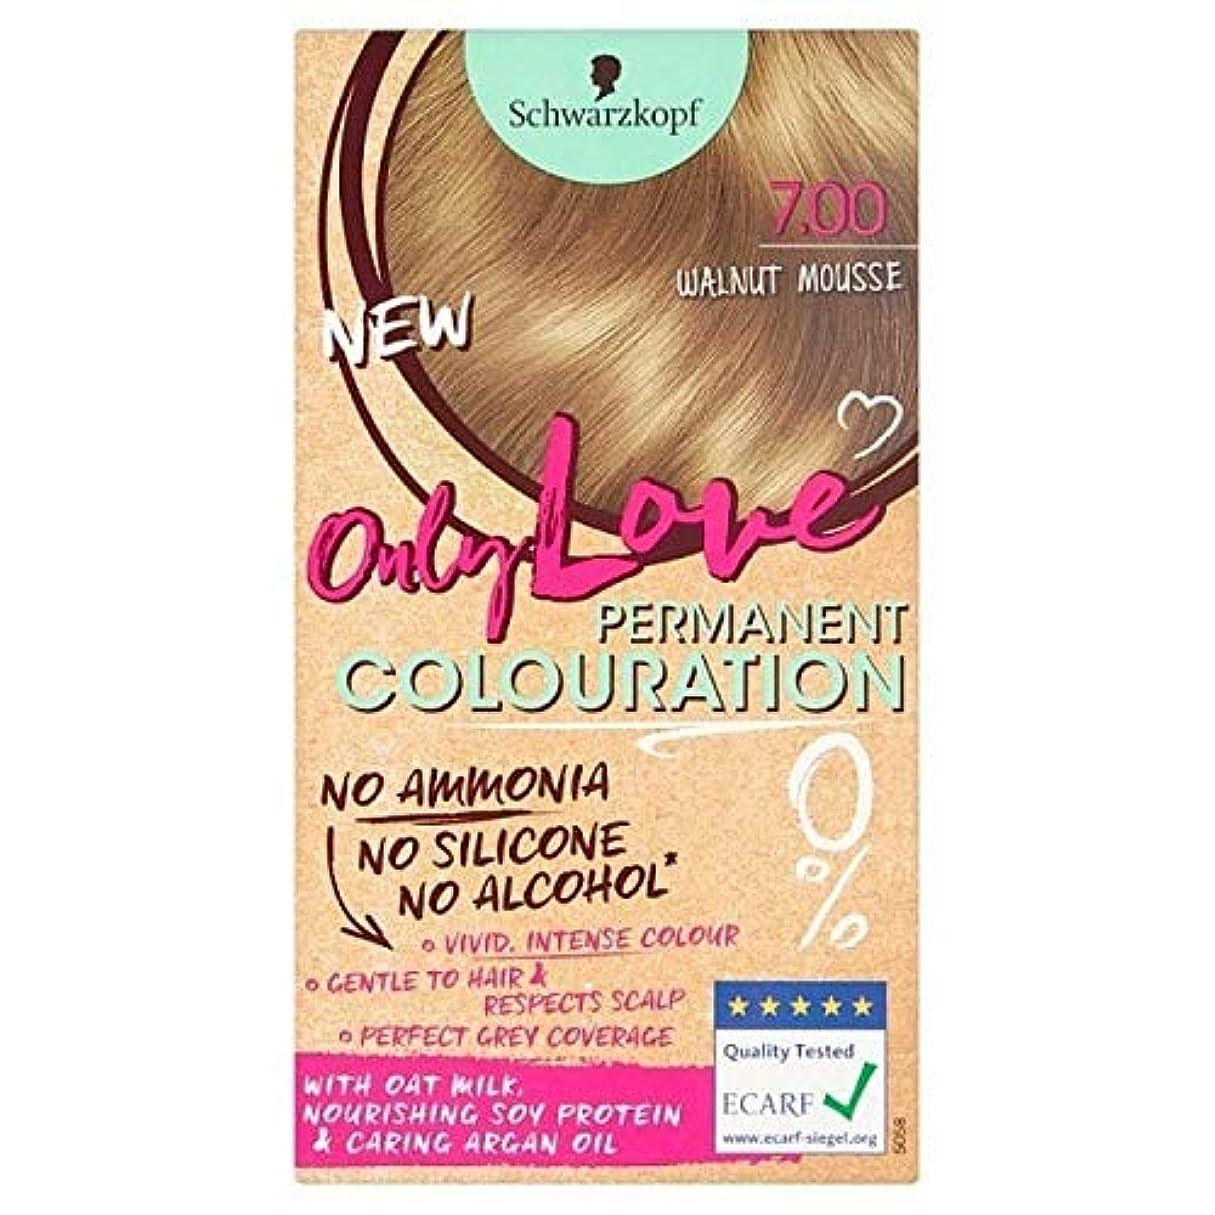 パントリーサイドボード頭痛[Only Love ] 唯一の永久染毛剤700クルミのムースを愛します - Only Love Permanent Hair Dye 700 Walnut Mousse [並行輸入品]